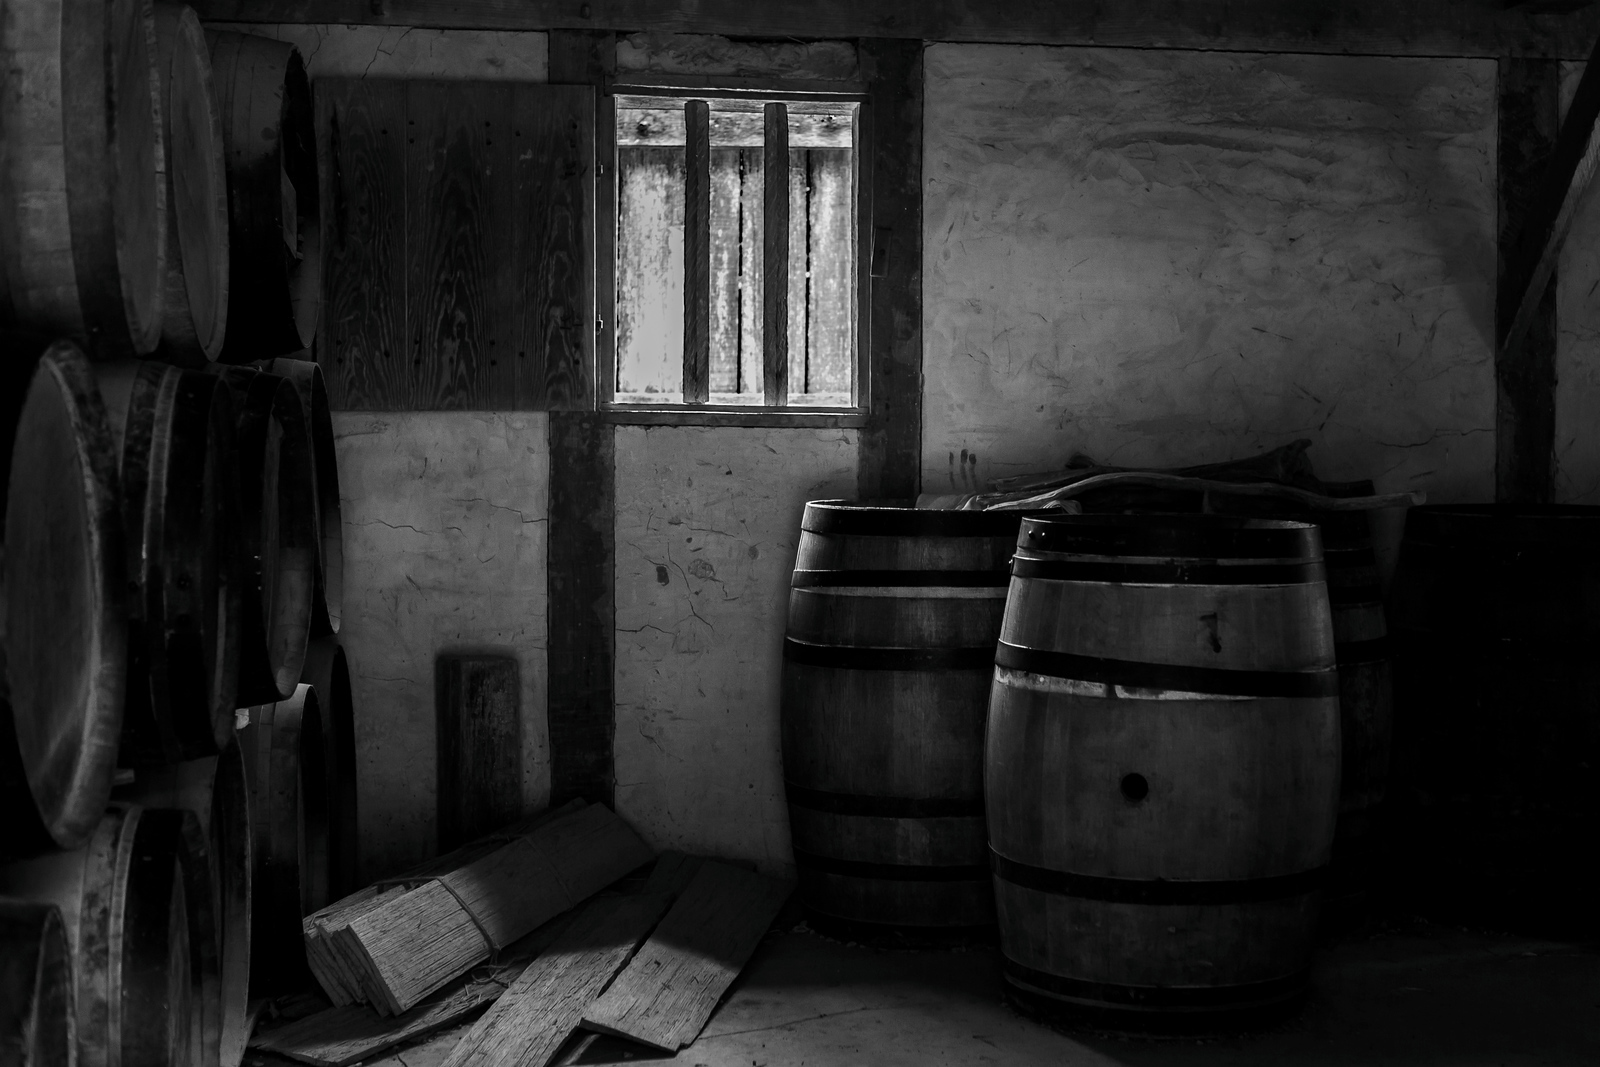 詹姆斯敦殖民地公园,那时的酒窖